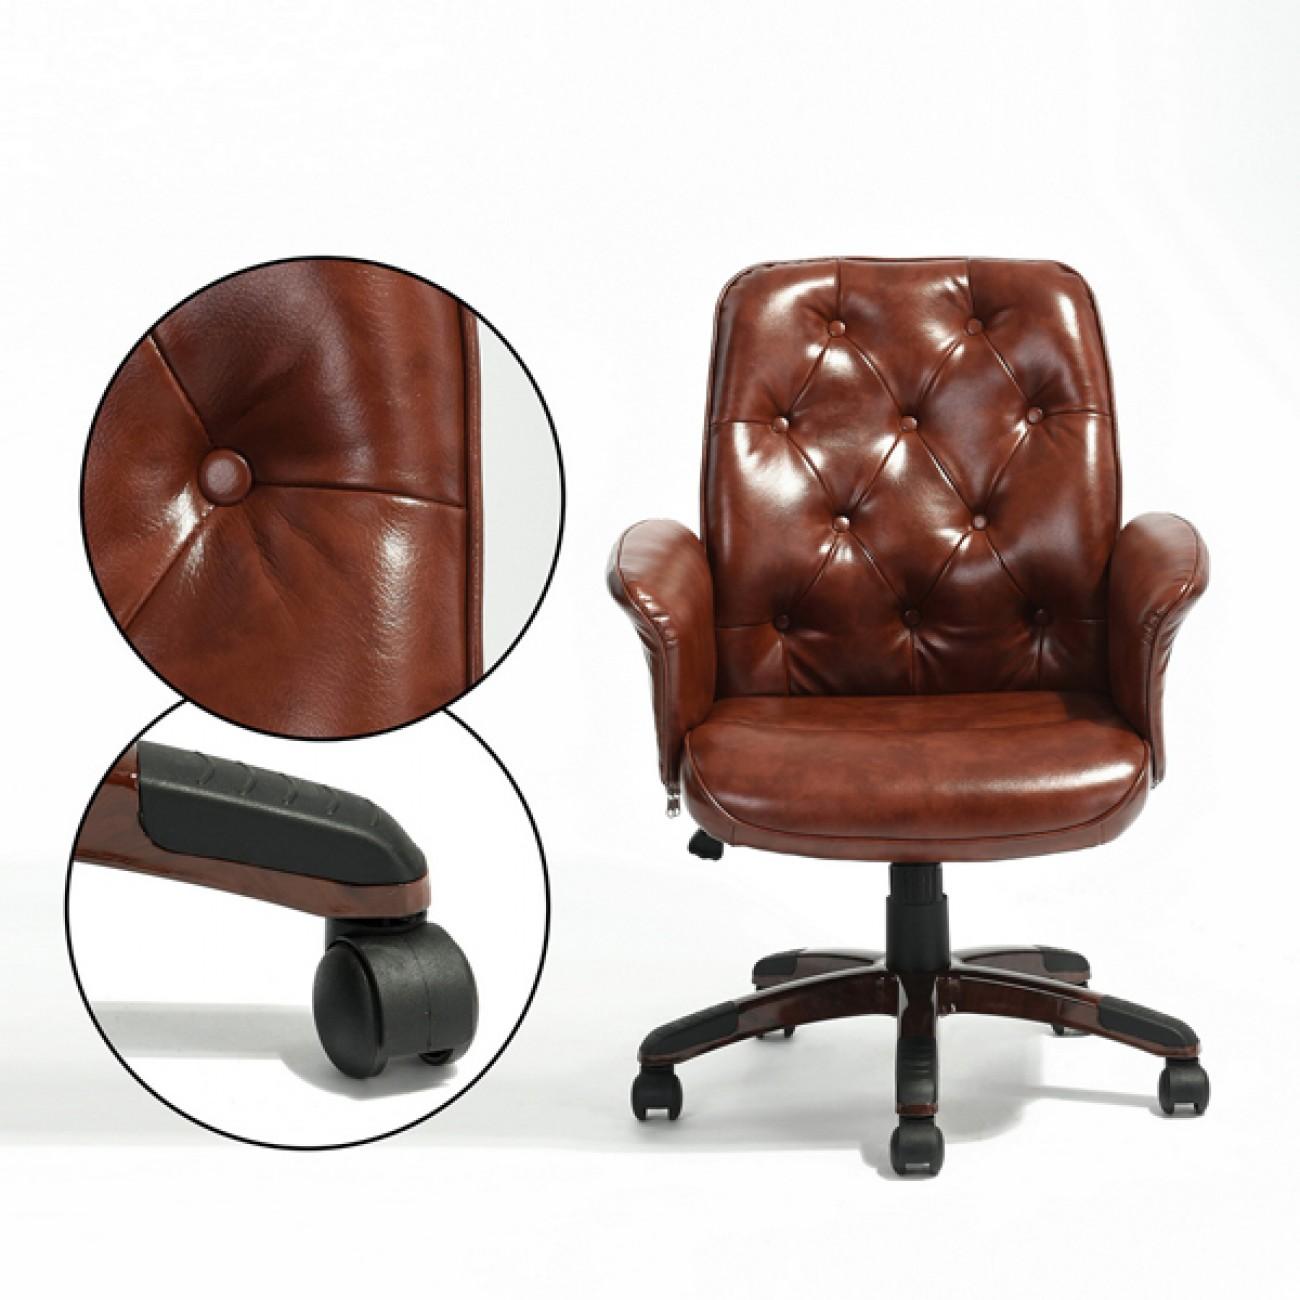 Scaun-retro-pentru-birou-maro